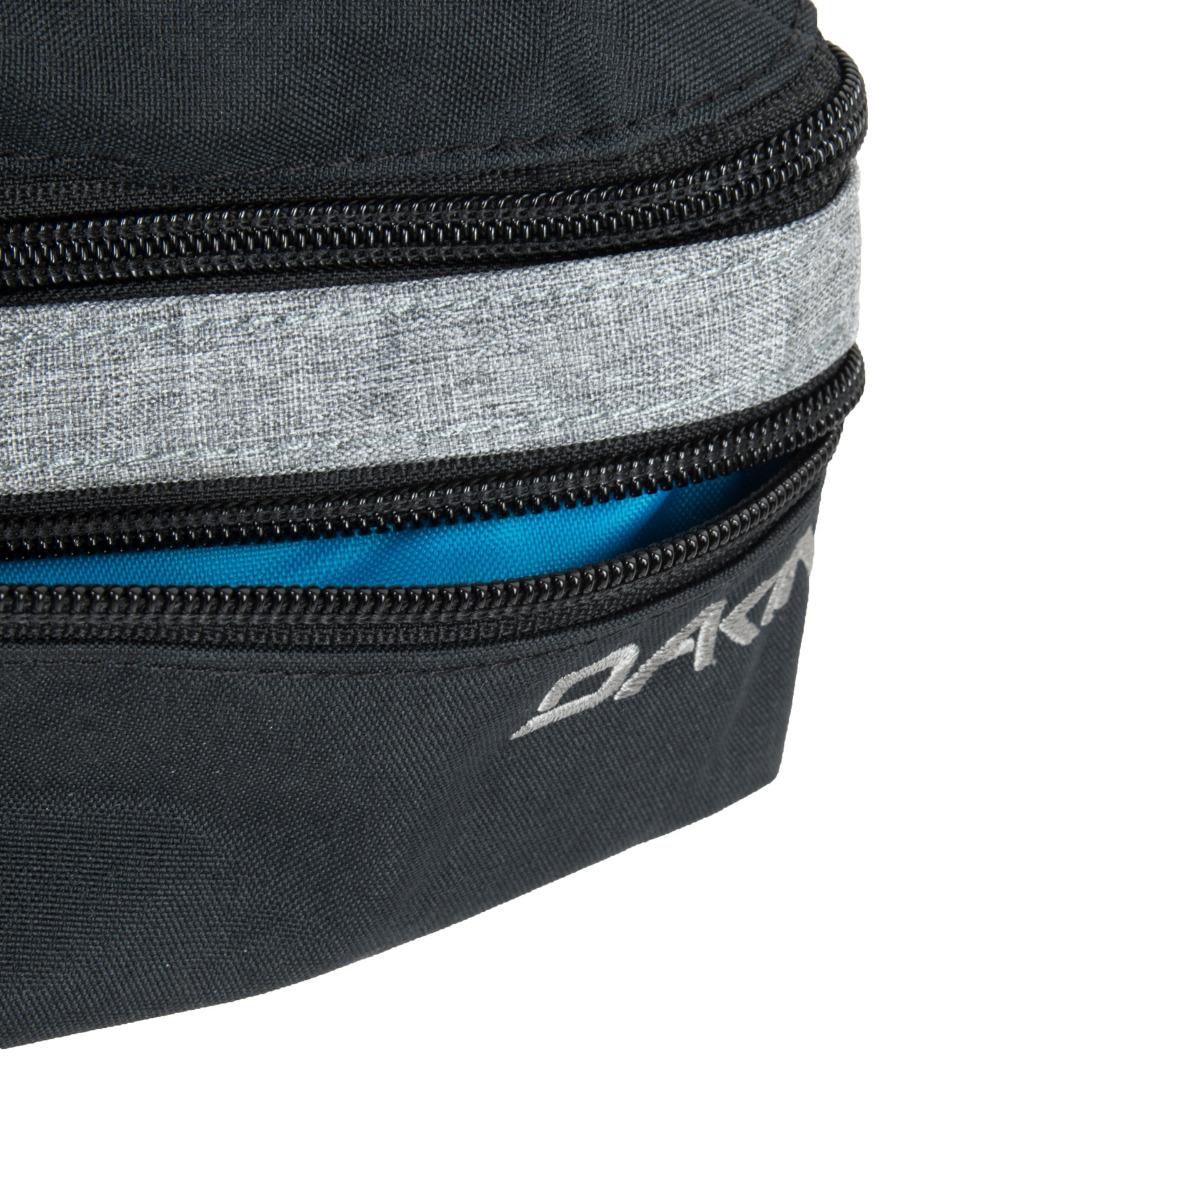 Dakine Classic Hip Pack Tabor Dakine CLASSIC HIP PACK je moderná ľadvinka s dvoma vreckami na zips.  • hlavné vrecko na zips • úzka predné vrecko na zips • nastaviteľný bedrový pás s prackou